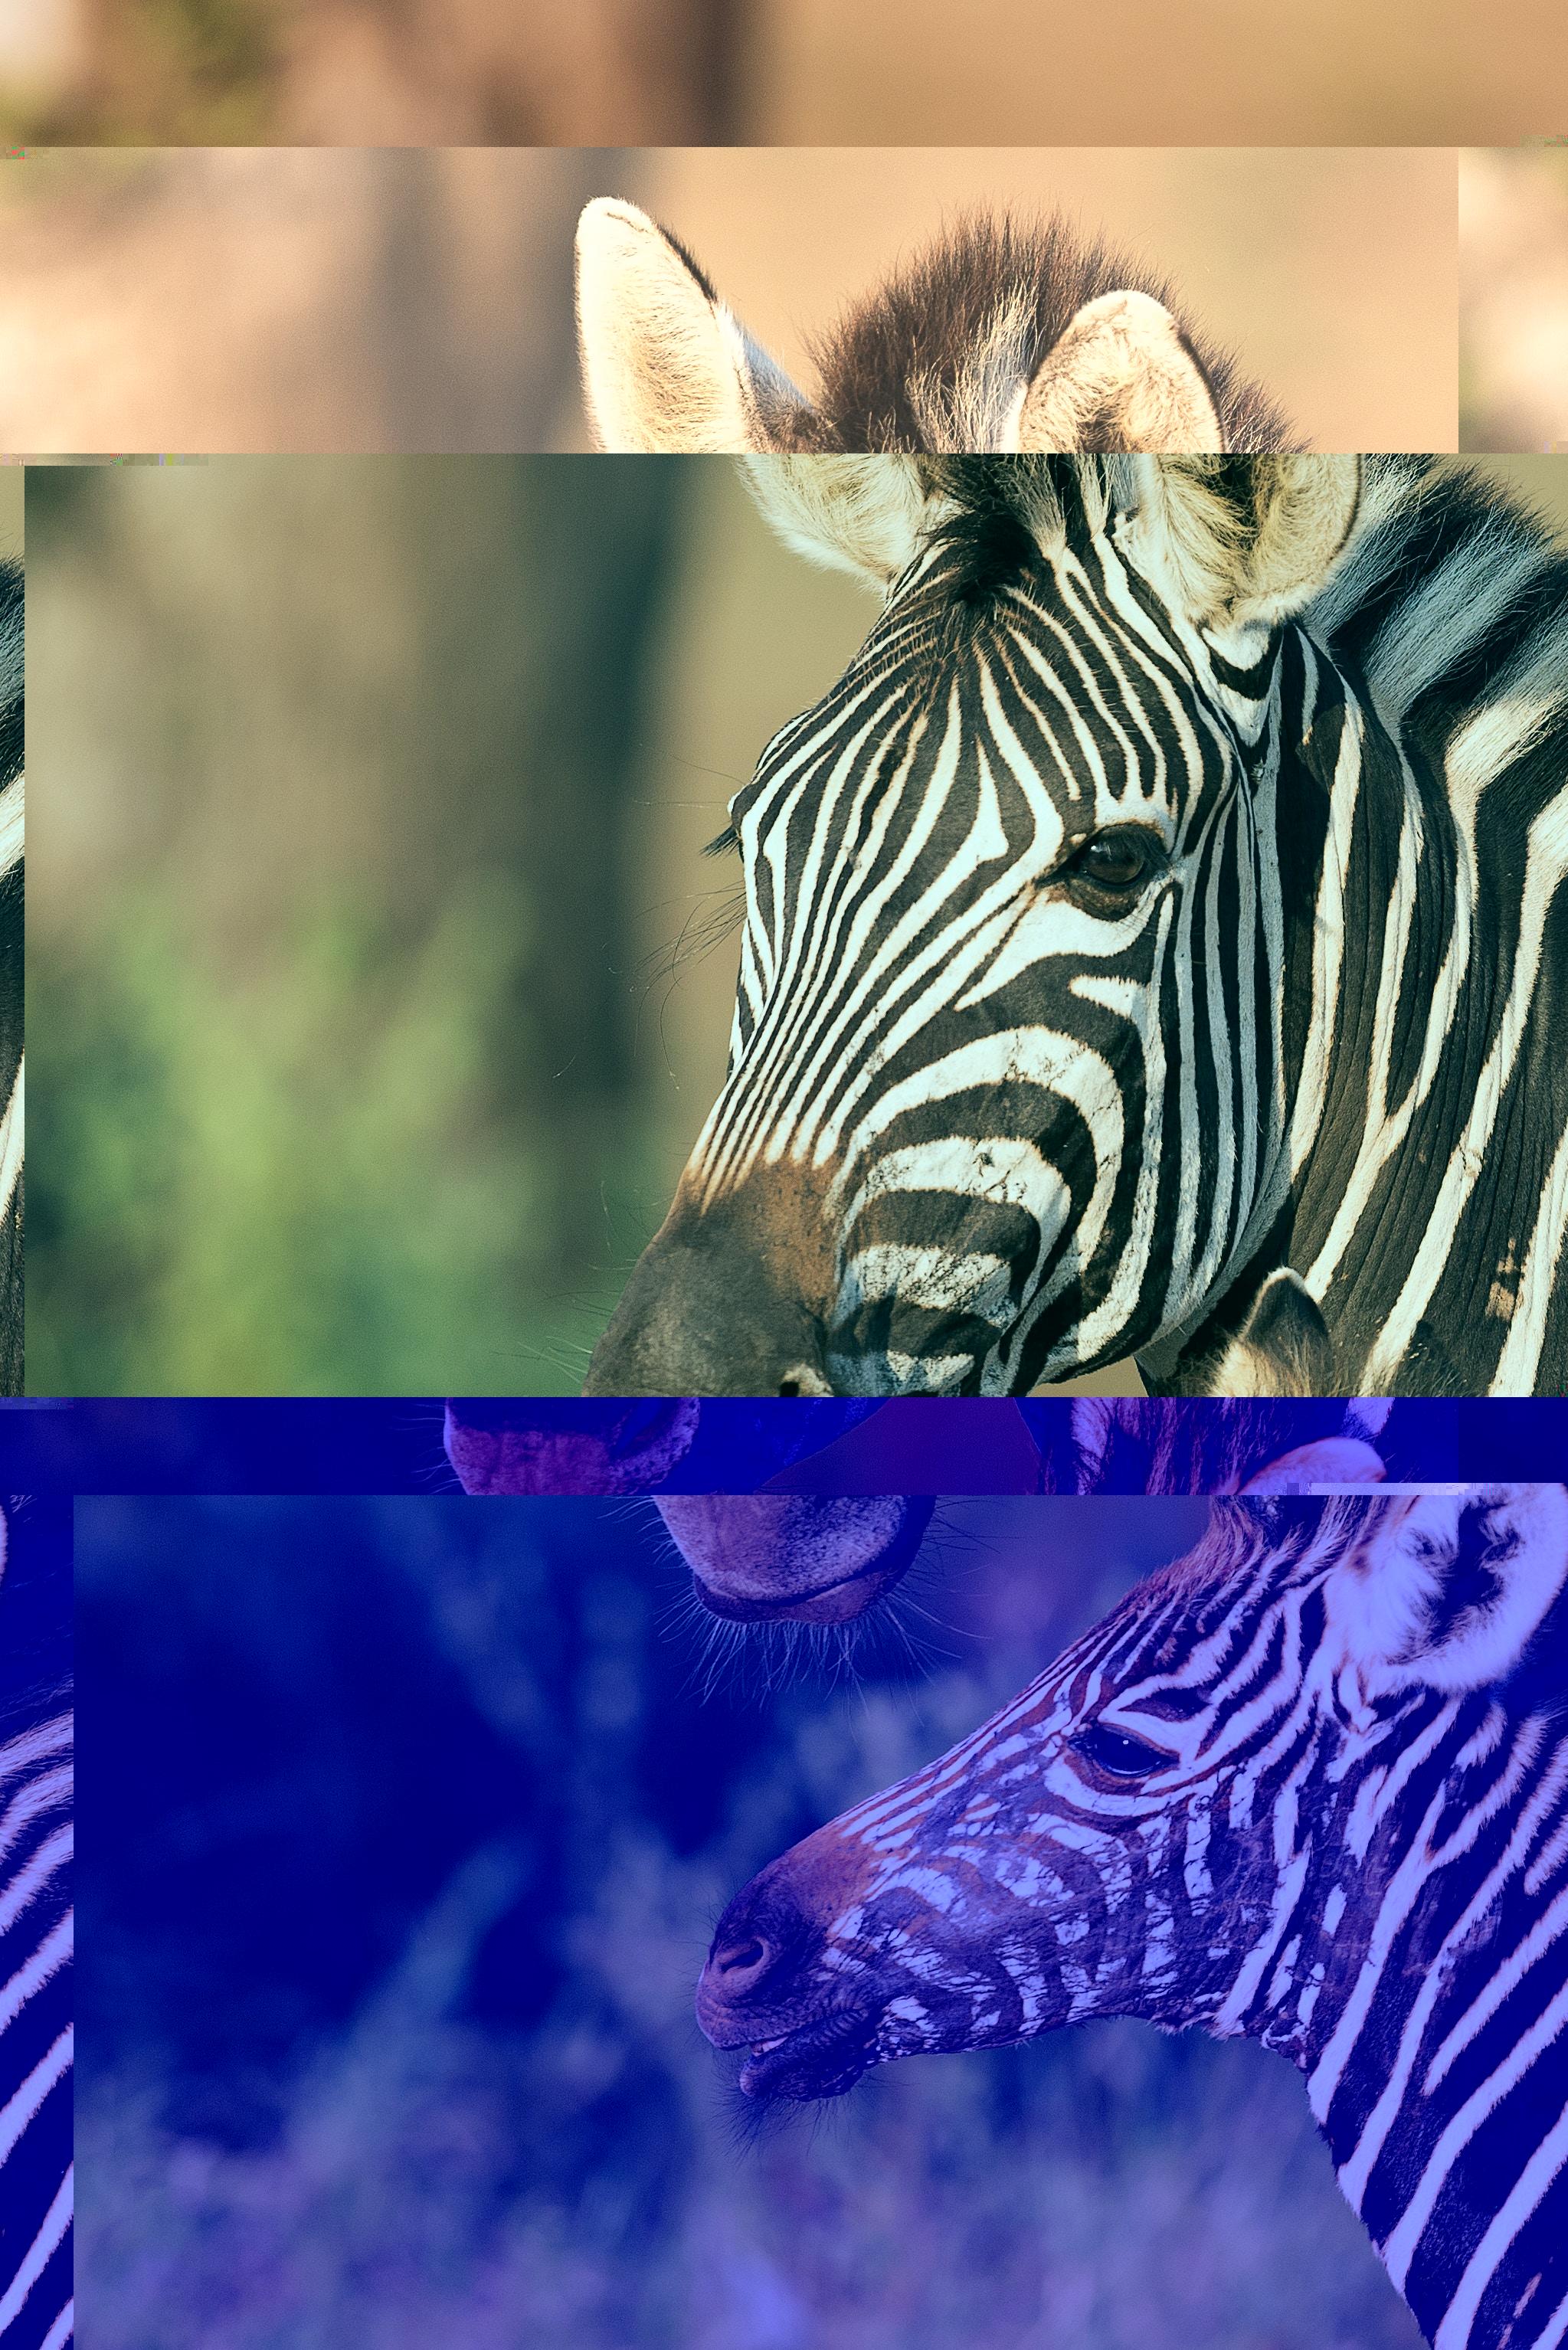 zebrashex